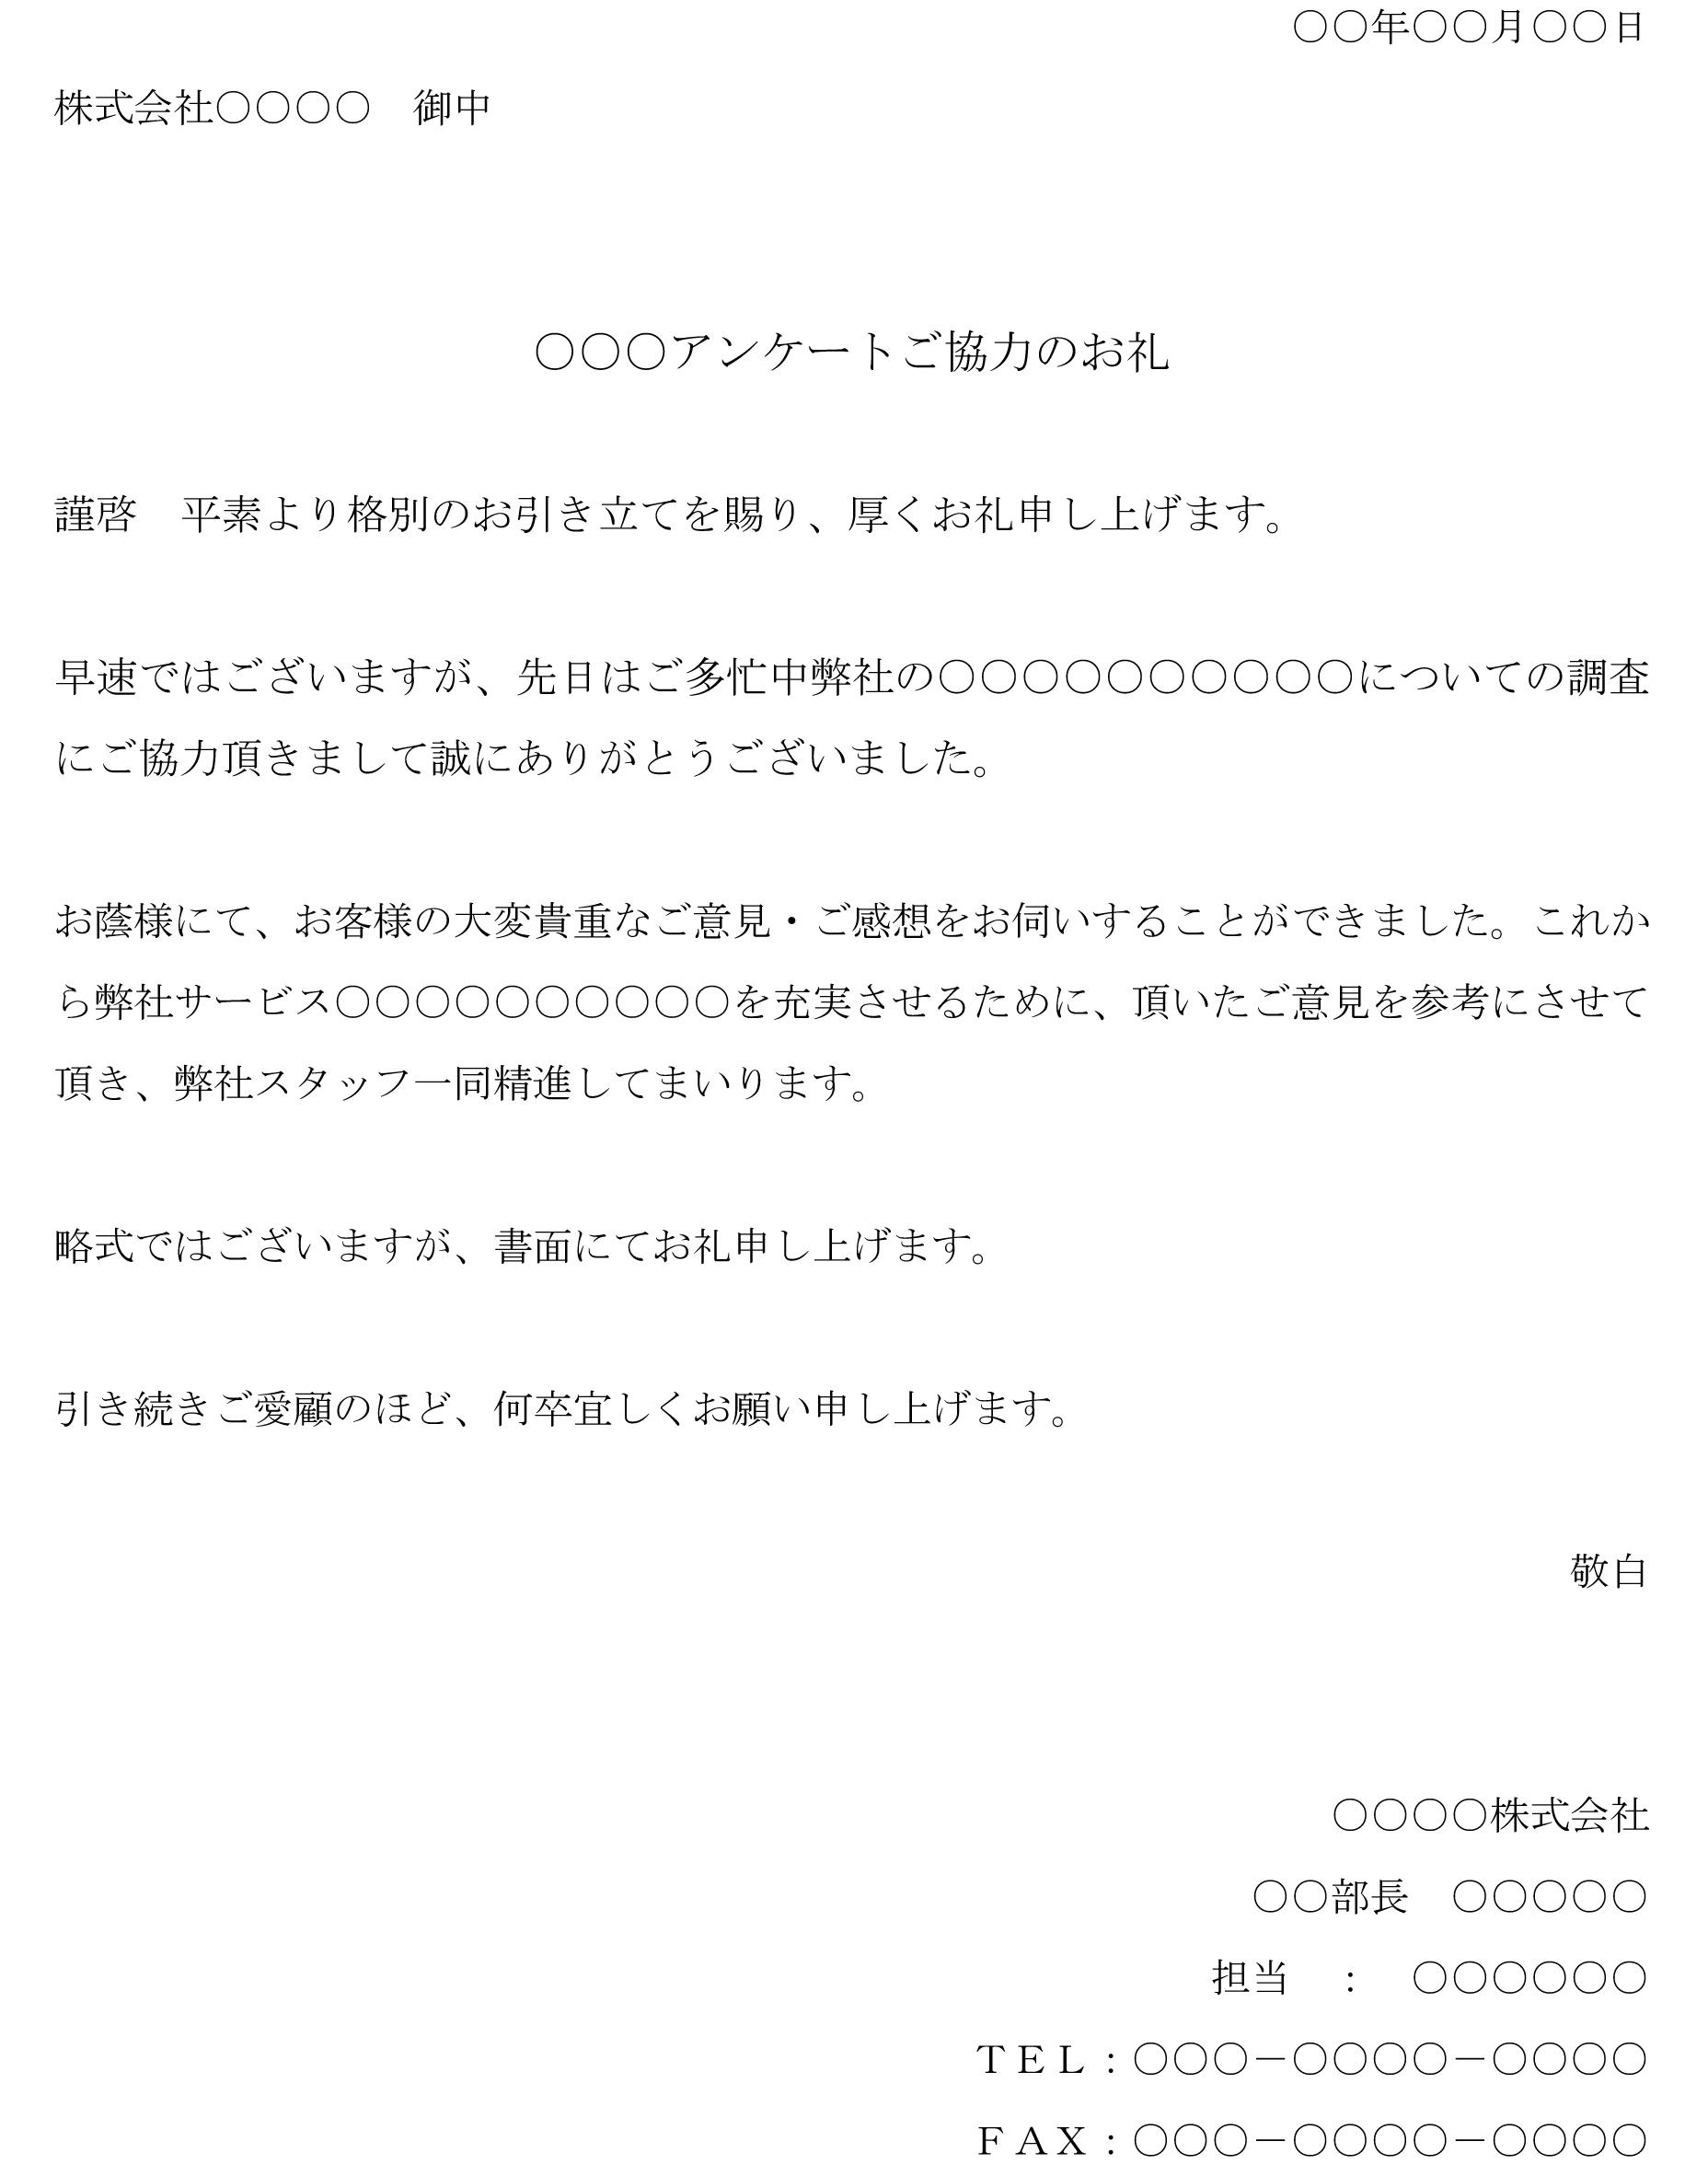 お礼状(アンケート協力)03